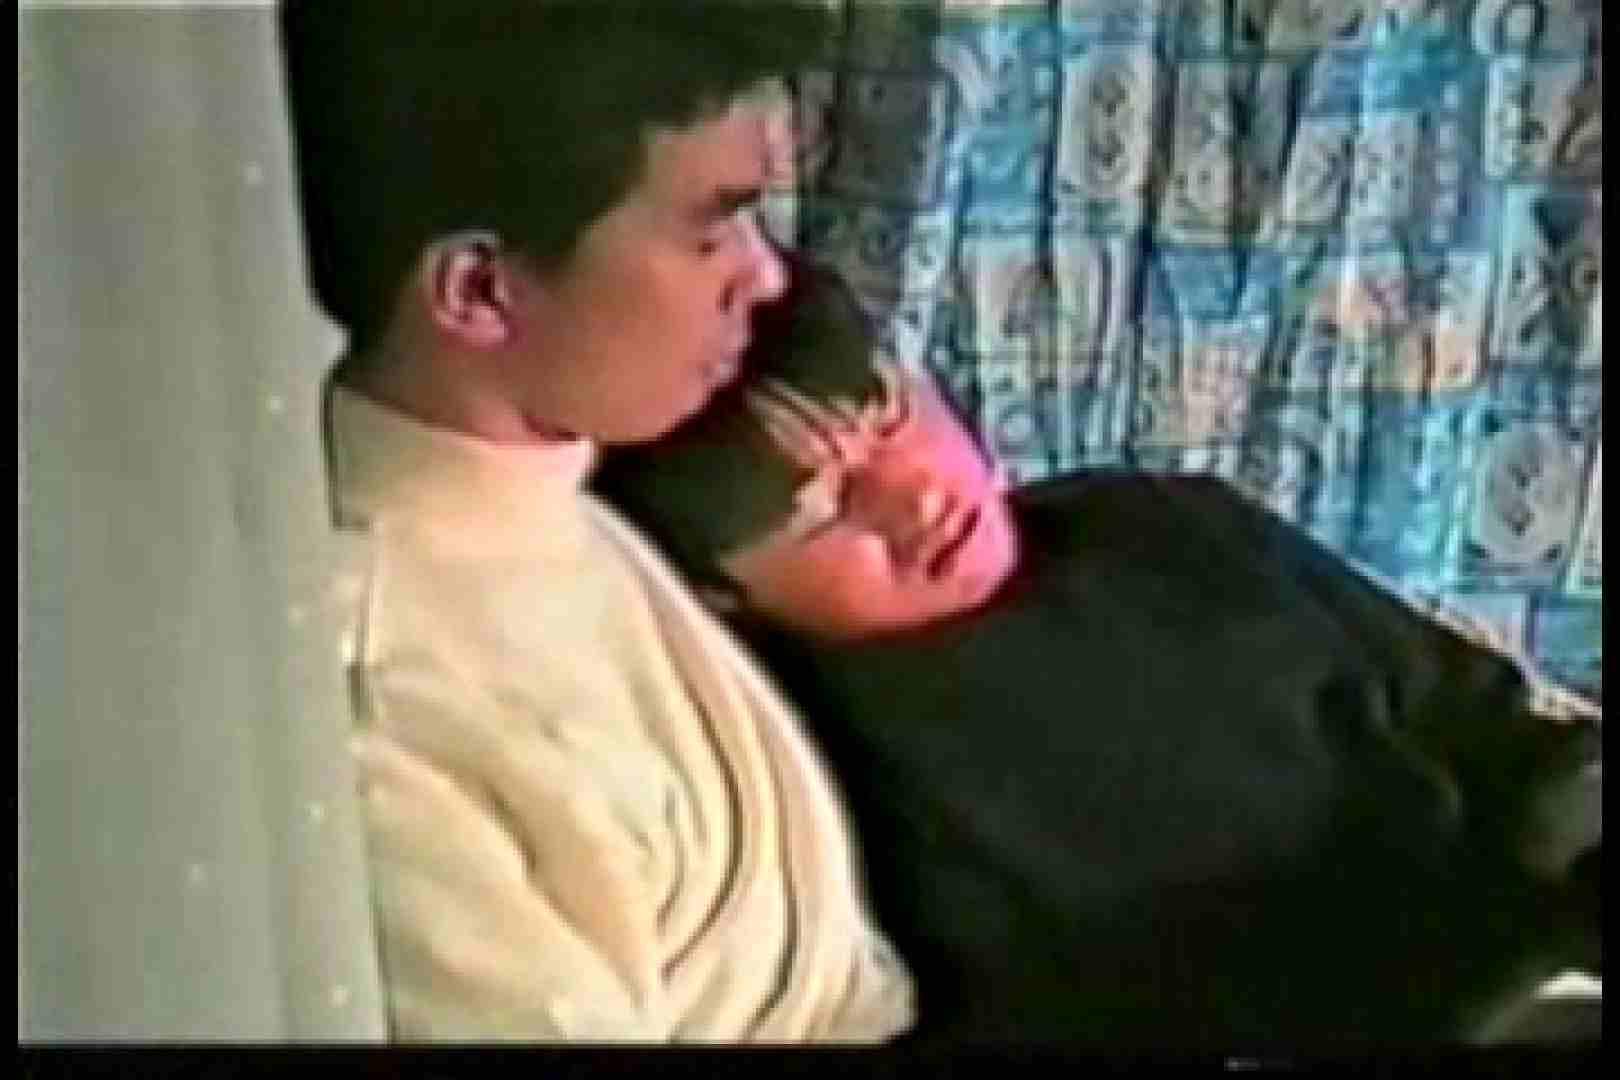 【流出投稿】若きあの頃の思ひでSEX! キスするメンズ ゲイSEX画像 94画像 35